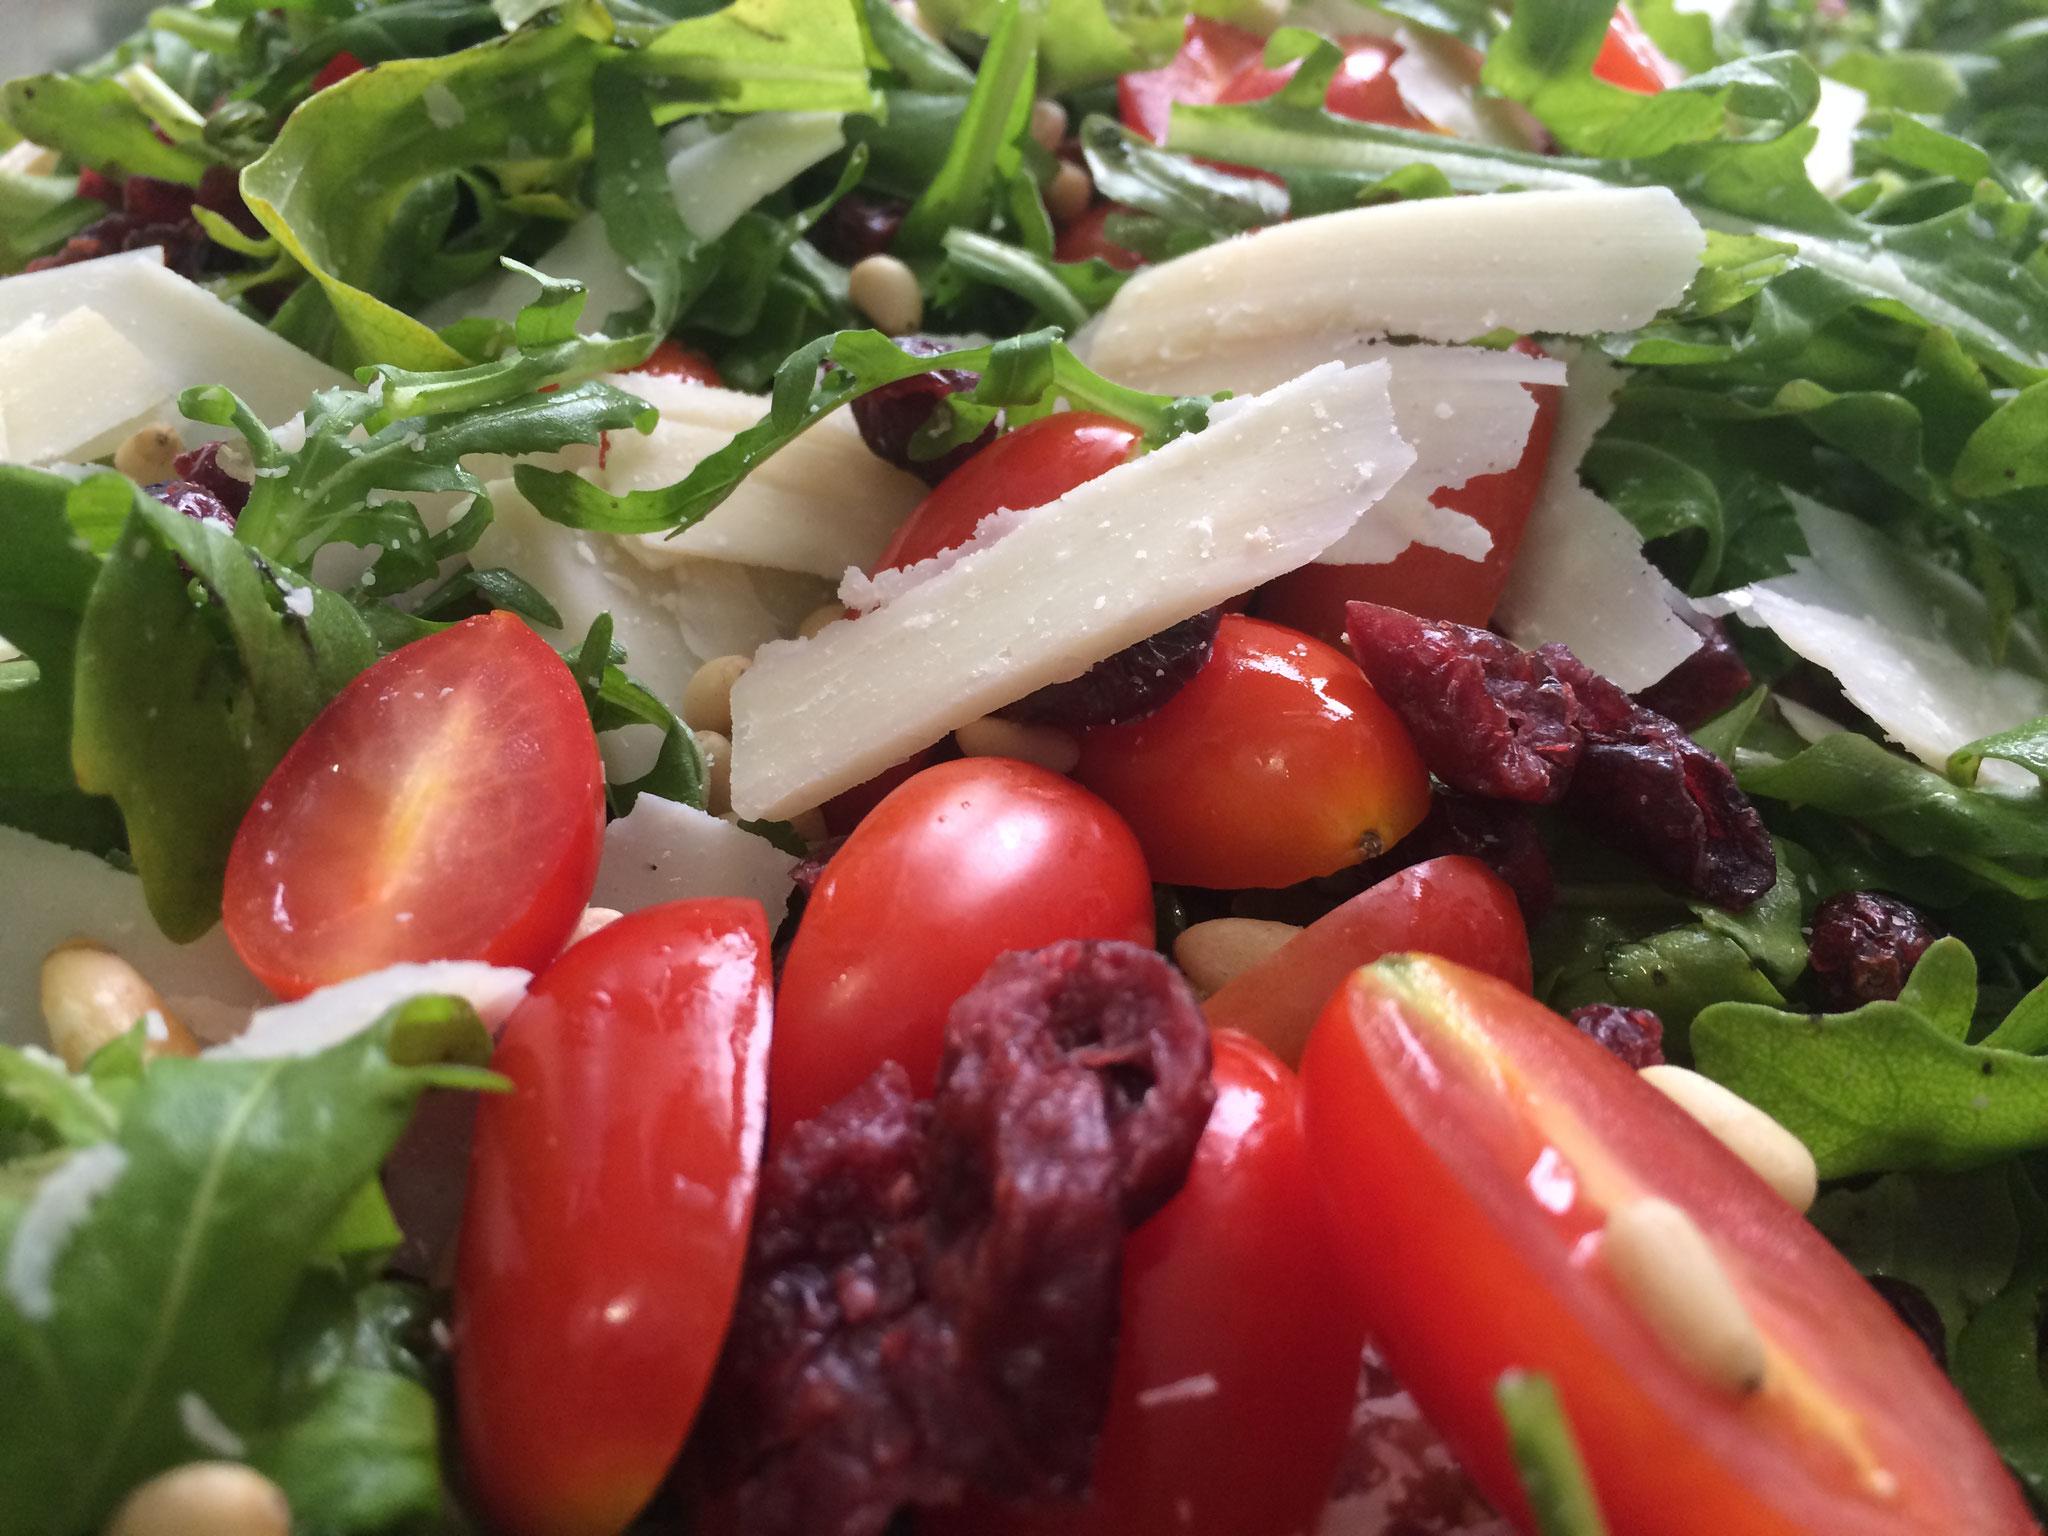 Wildkräutersalat mit Parmesan, getrockneten Tomaten, Tomaten und Pinienkerne